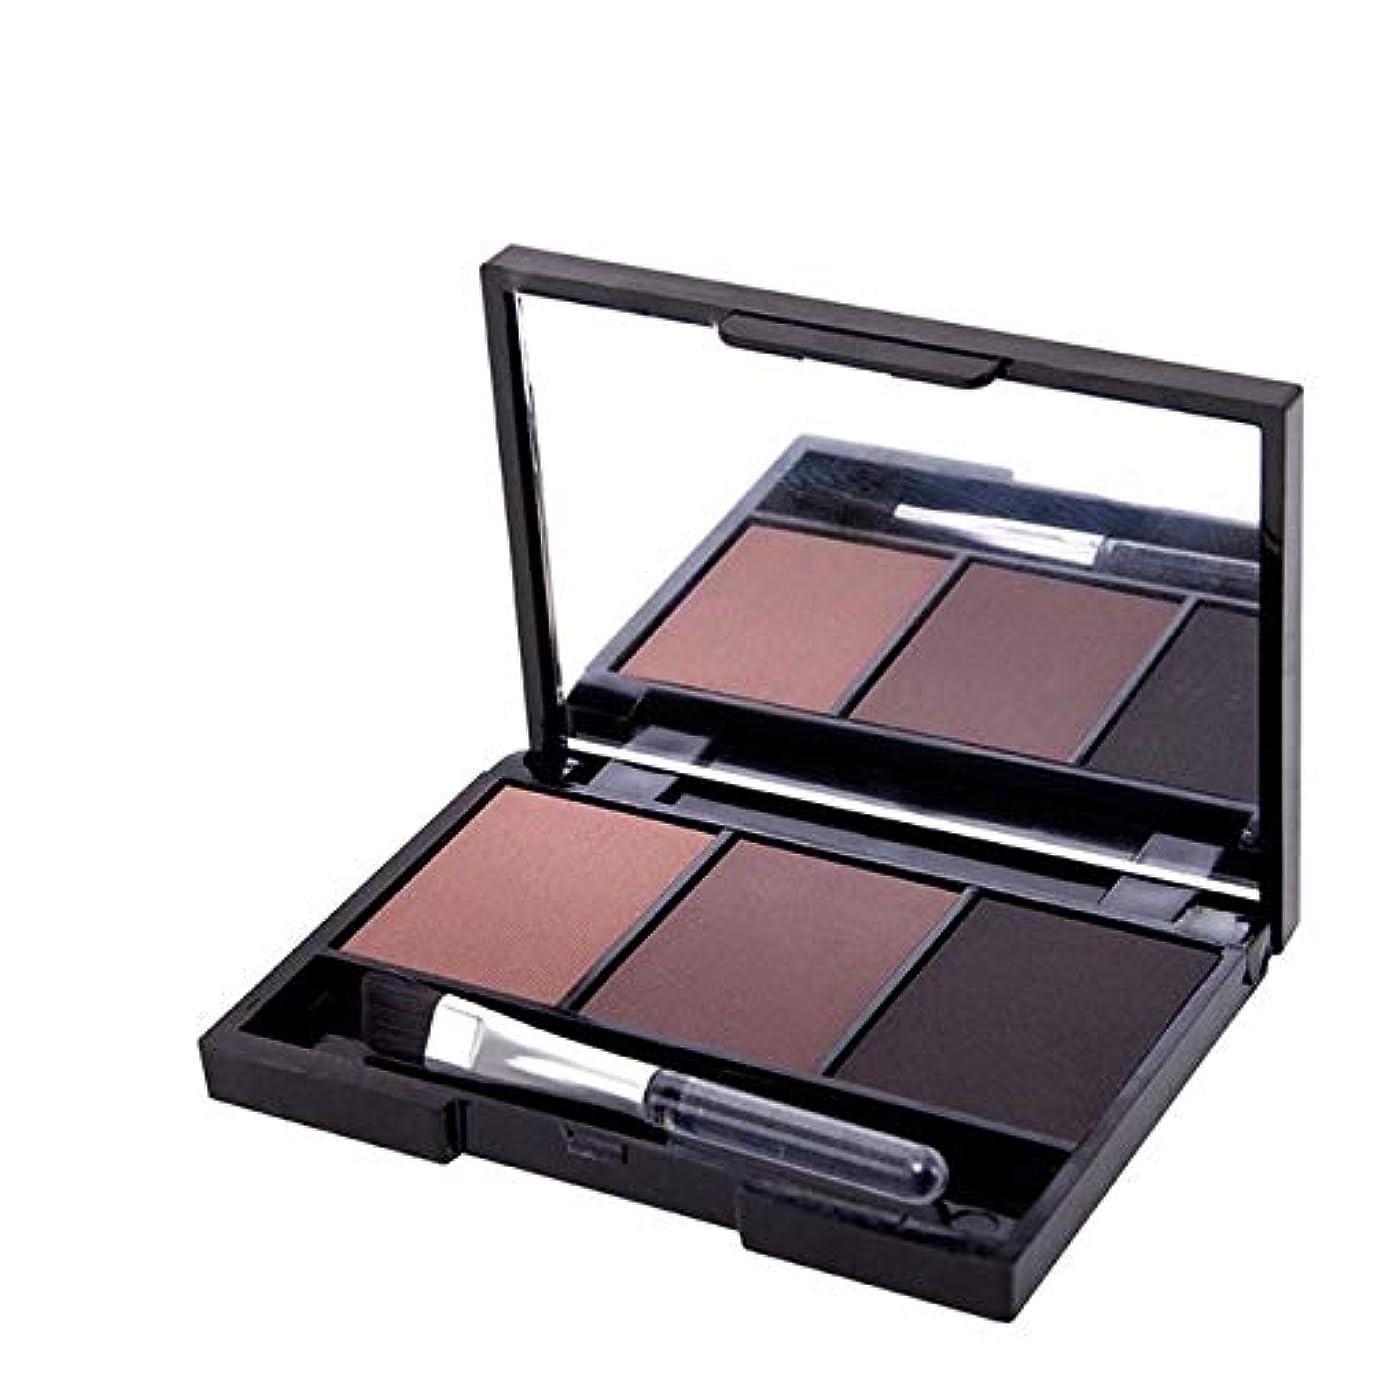 デコードするメルボルン休日に健康と美容アイシャドウ プロフェッショナルキットロングラスティングアイブロウシャドウパレット、ソフトブラシとミラー付き(1) 化粧 (色 : 3)